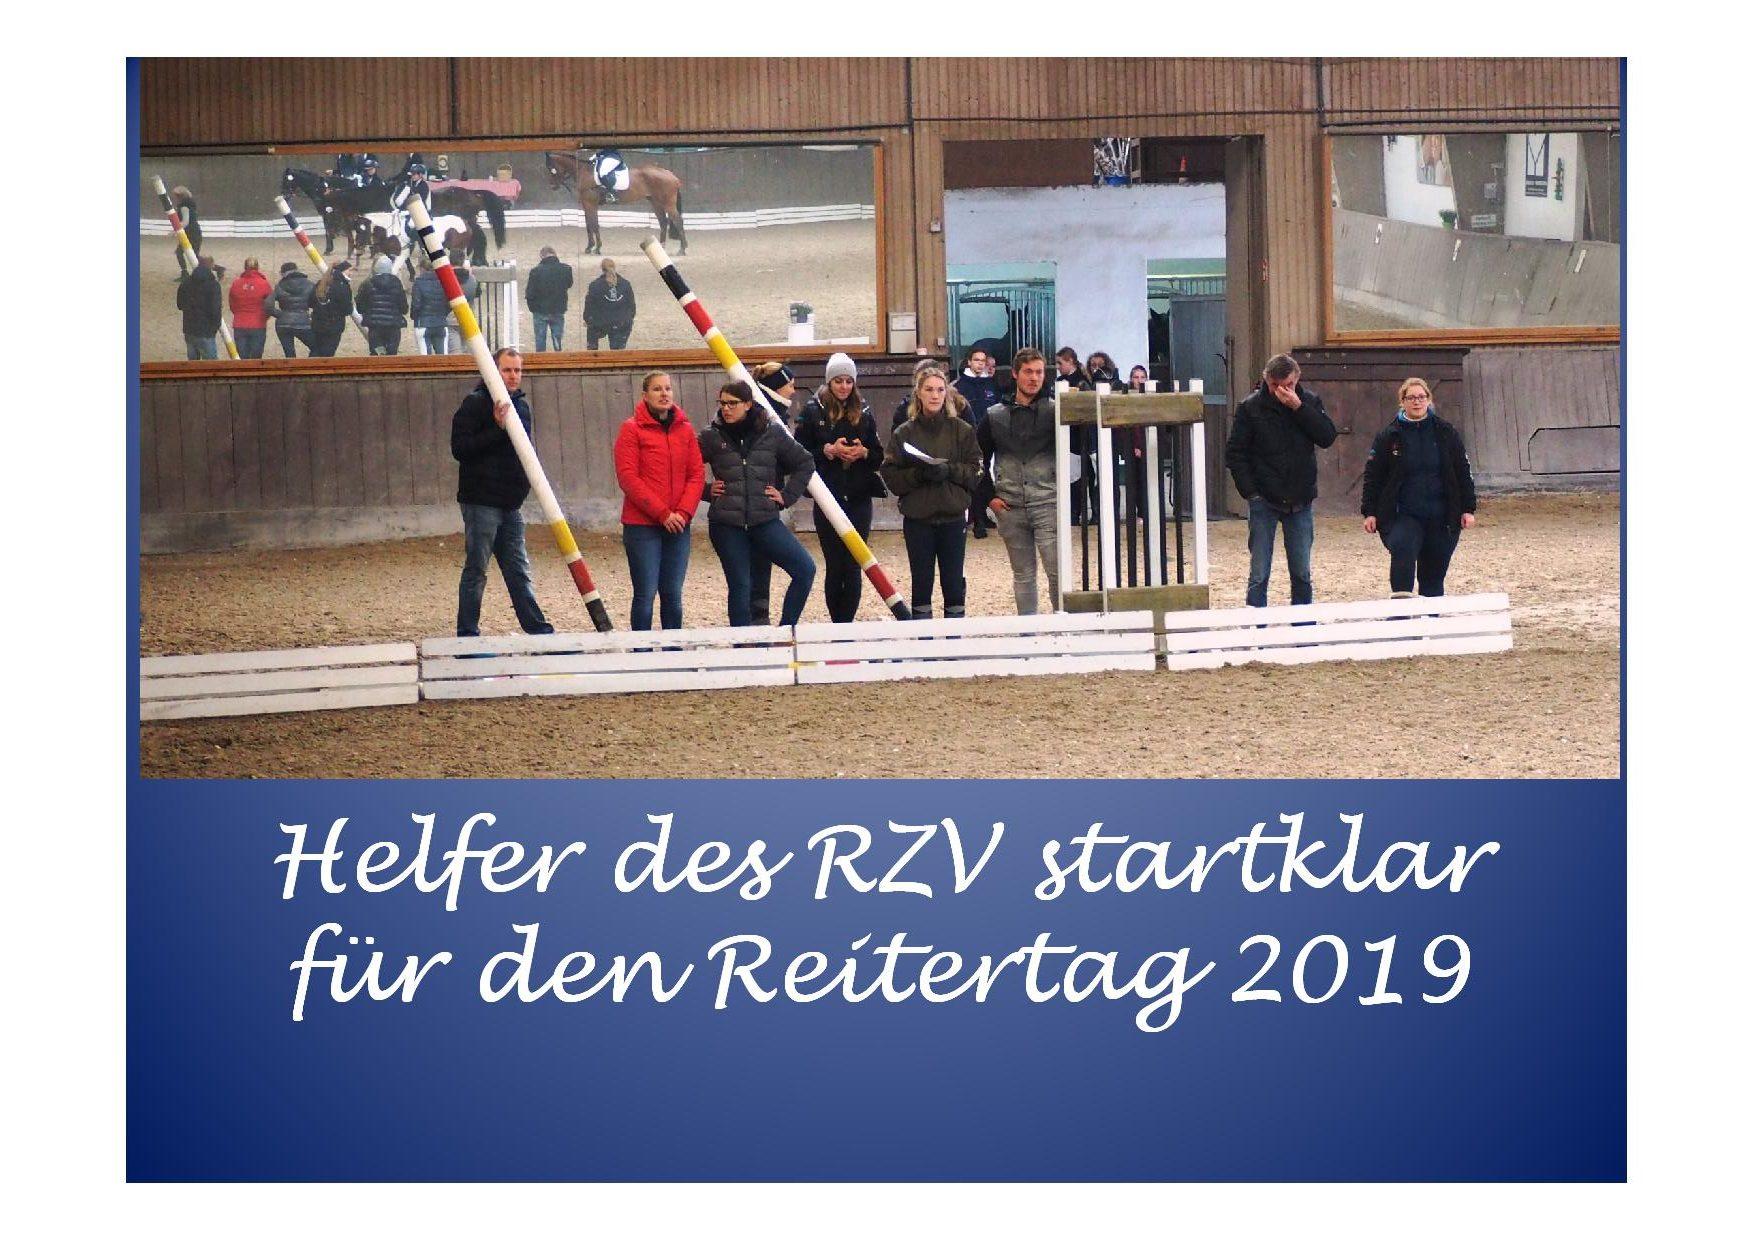 5. Reitertag beim RZV Koblenz-Metternich